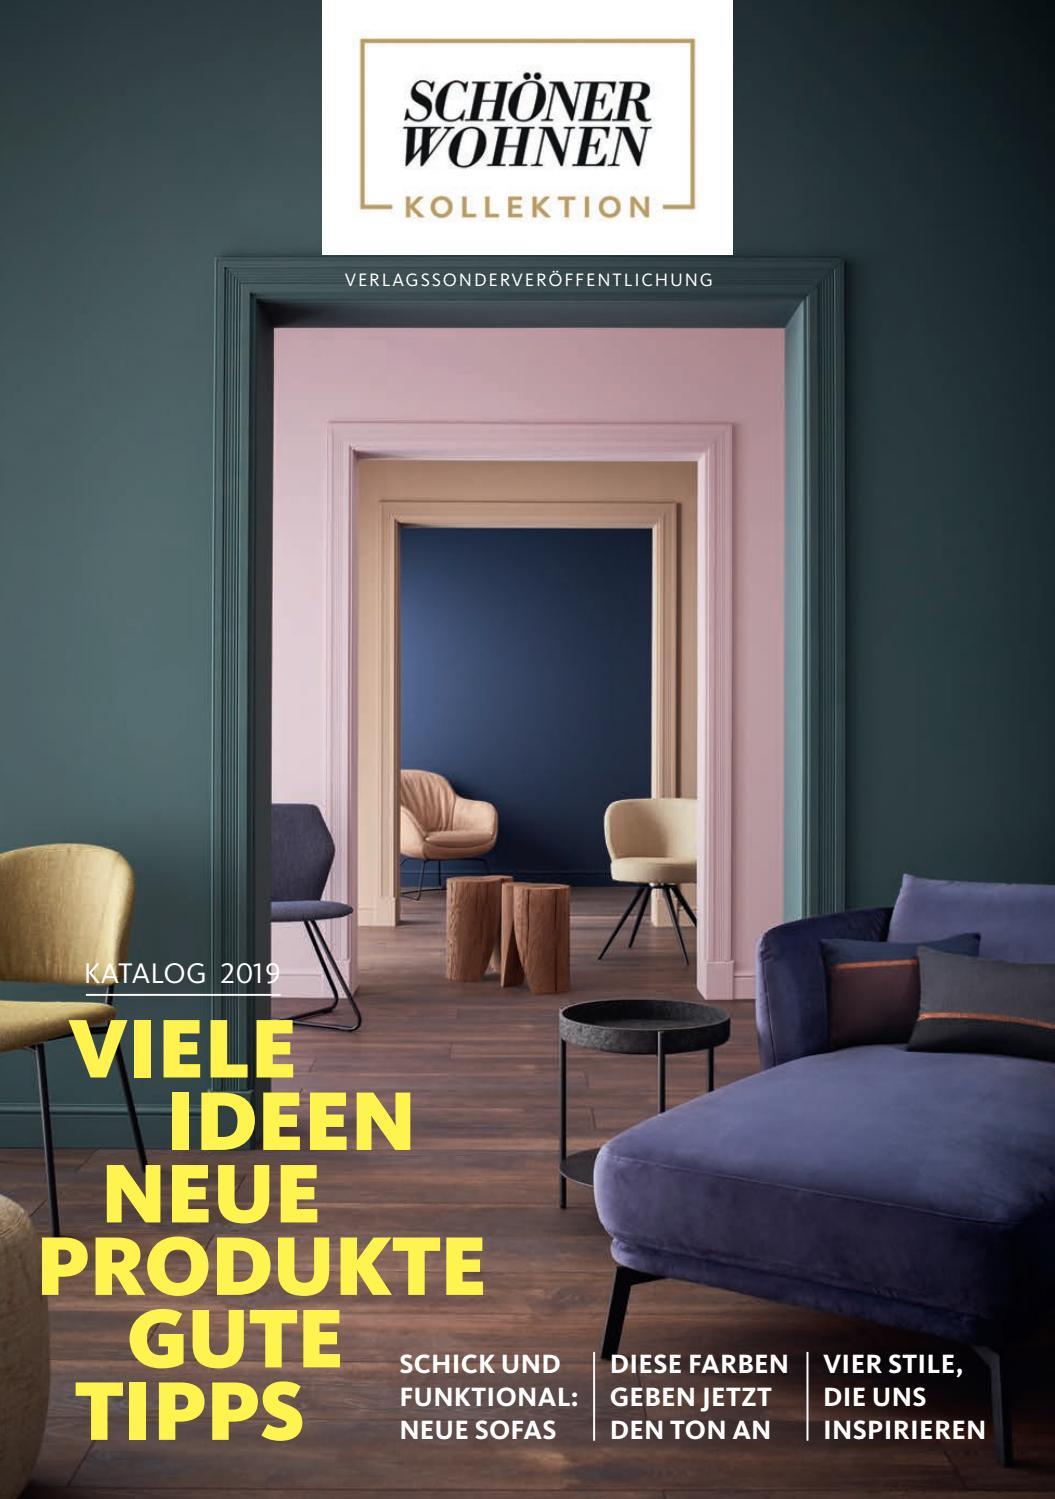 Schoner Wohnen Katalog 2019 By Nldm Issuu